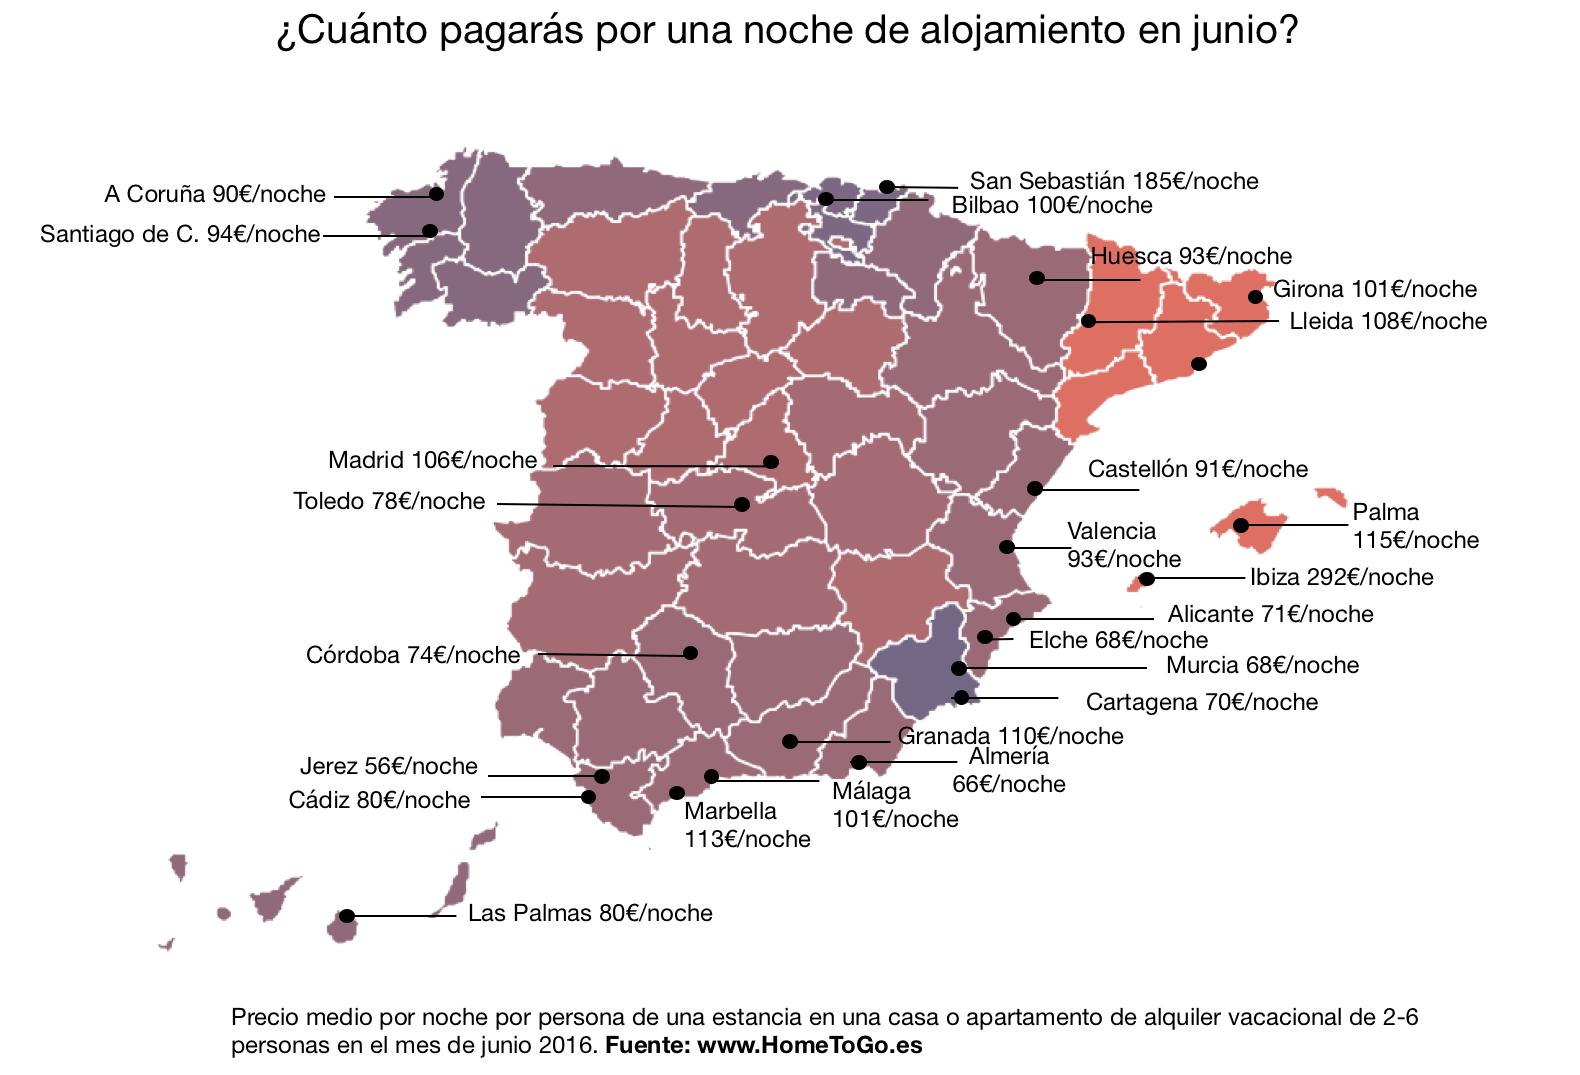 Jerez, la ciudad más económica de España para alquilar en junio - MIRA